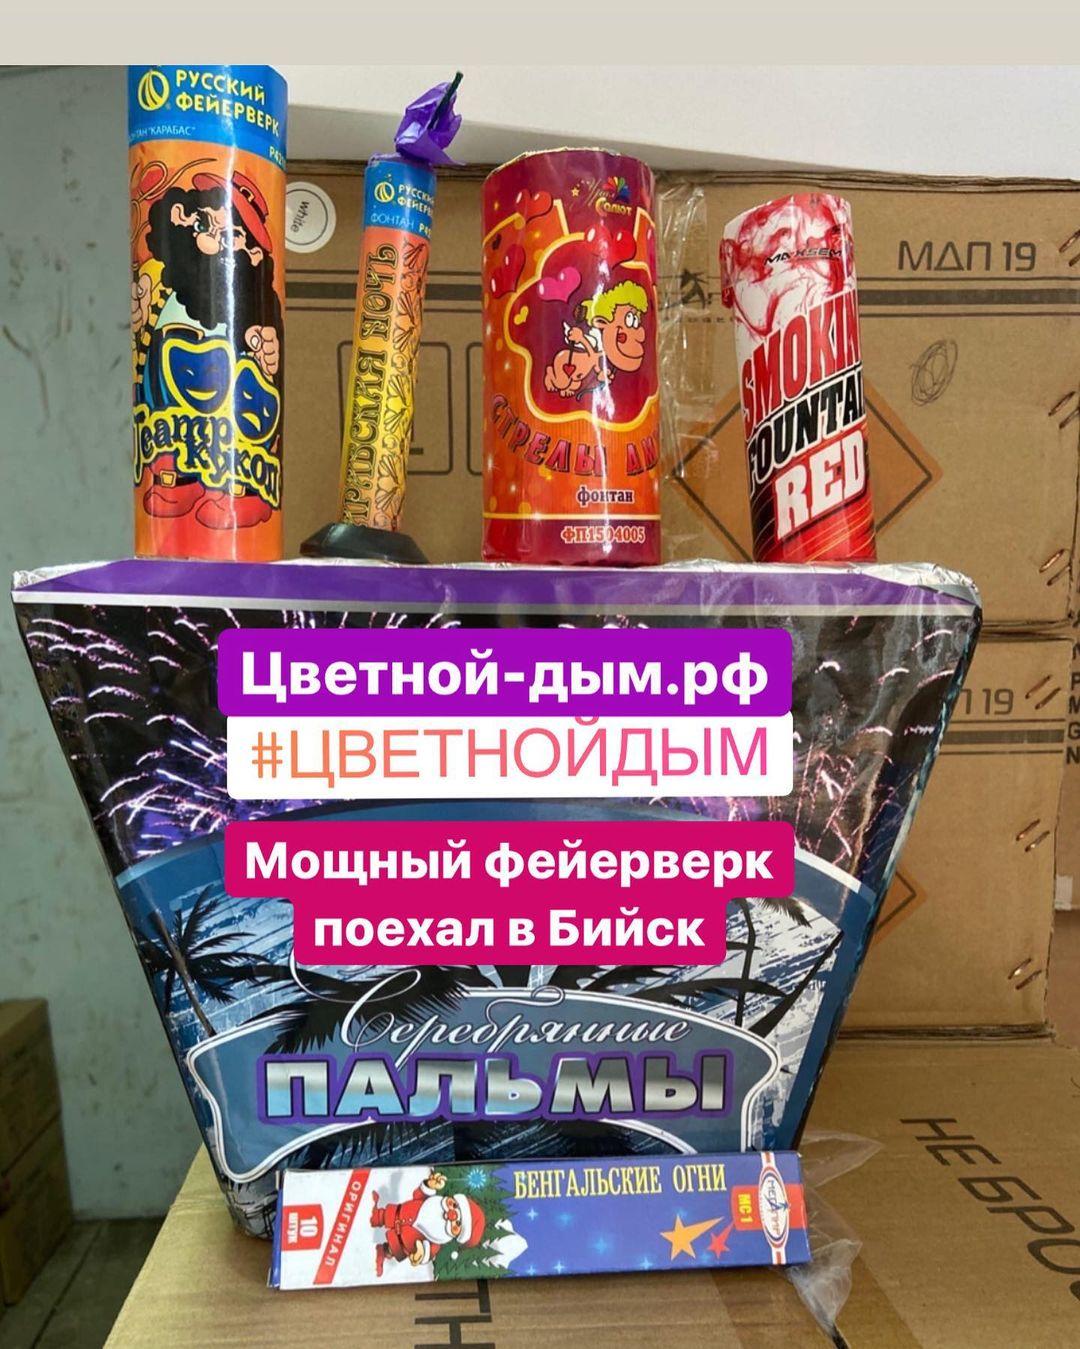 Дым и салют отправка - Цветной-дым.рф отзывы